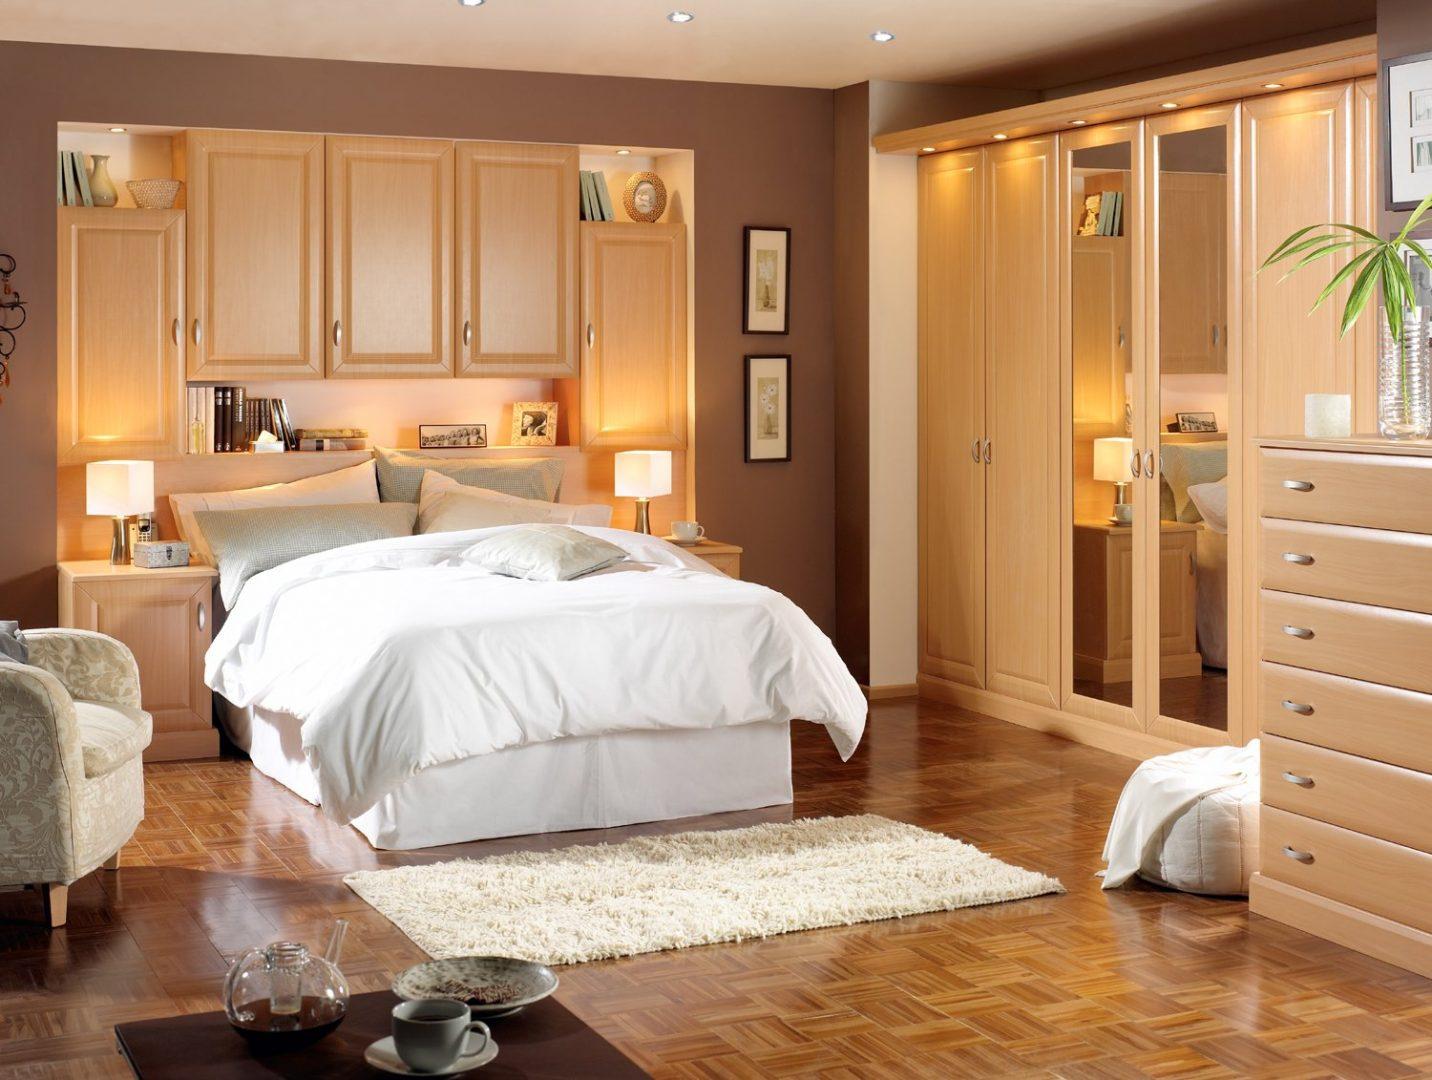 Dormitorios De Matrimonio Clasicos. Dormitorio Con Muebles De Estilo ...